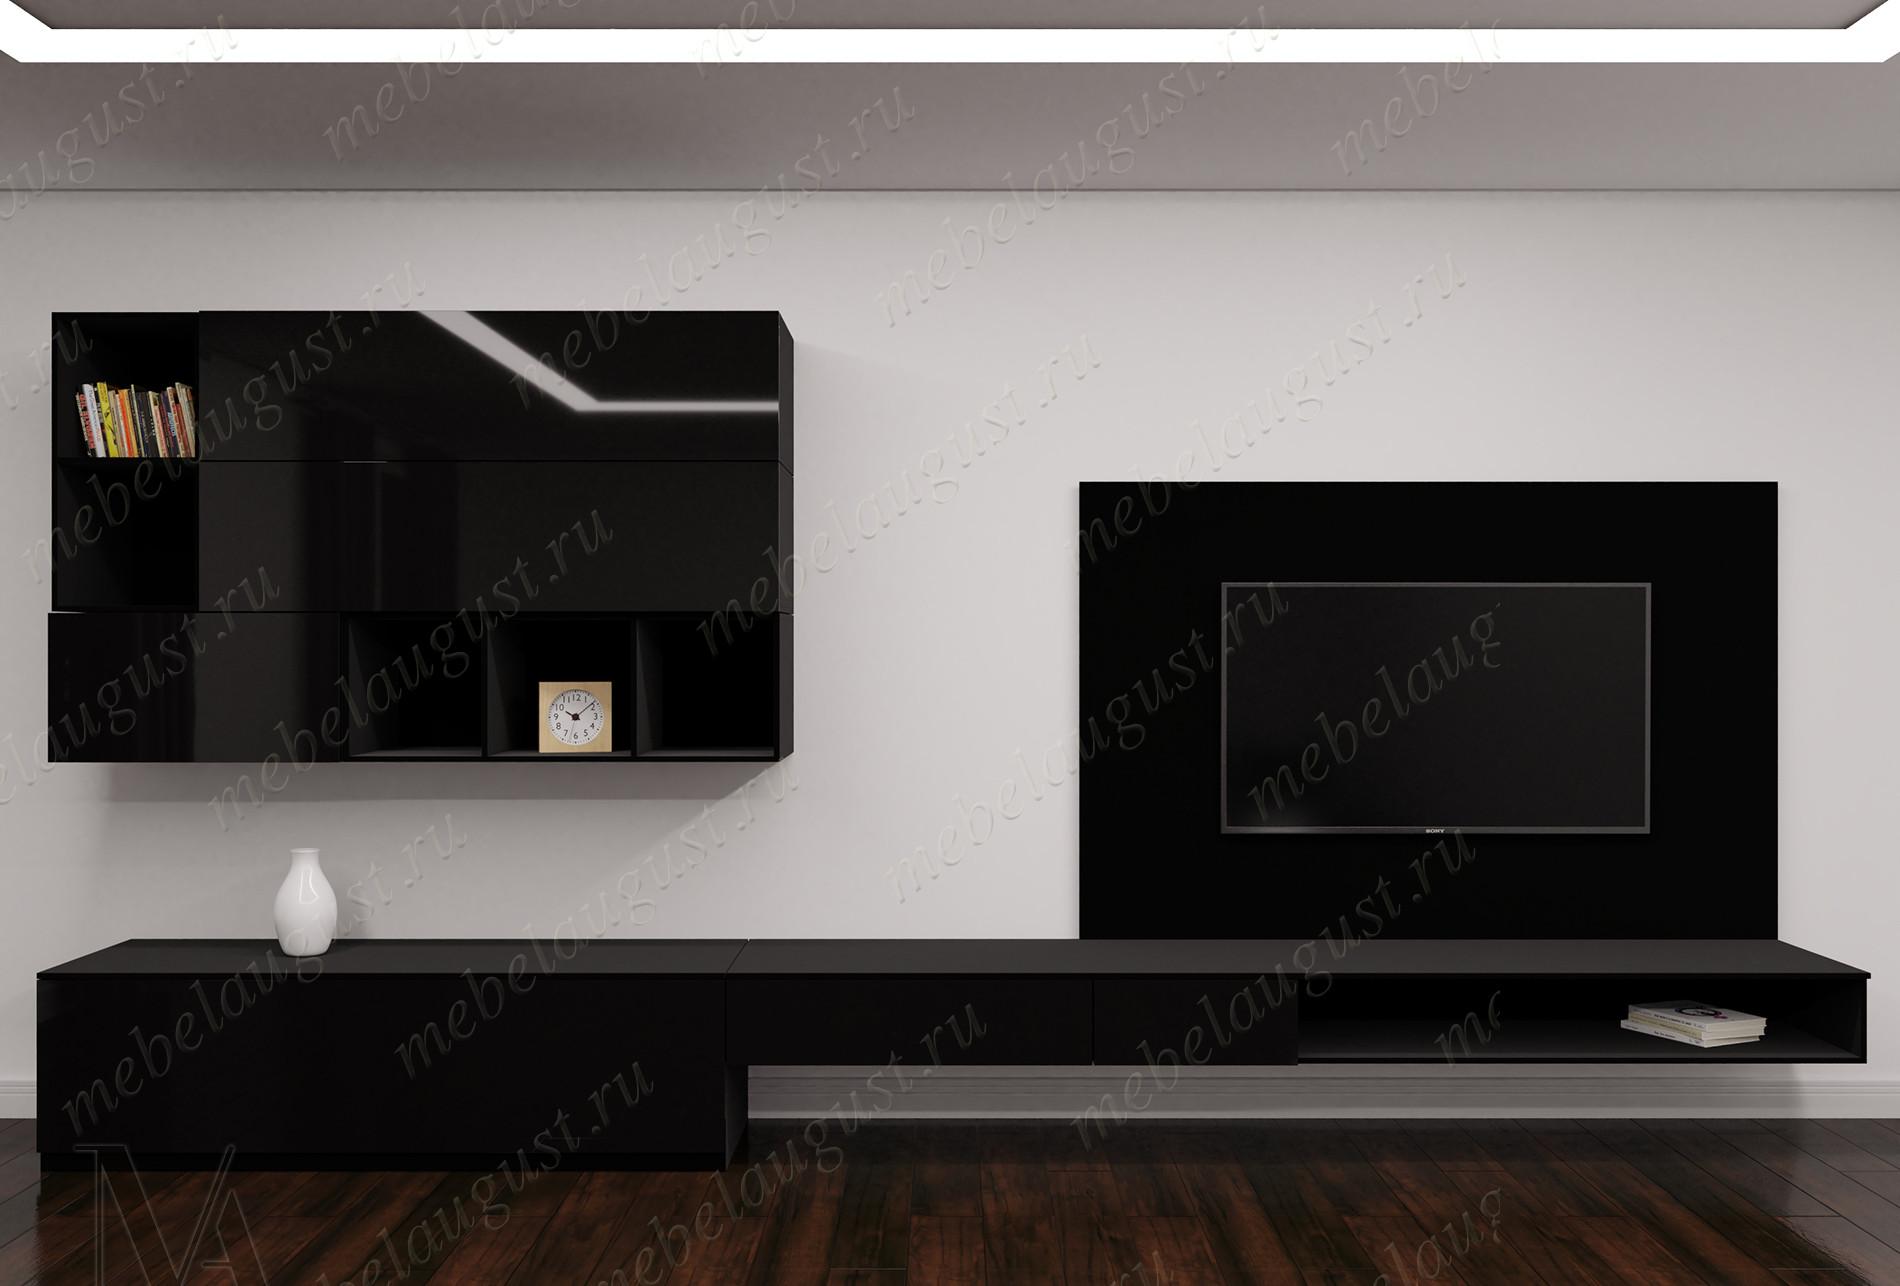 Мини стенка с полкой под телевизор в спальню